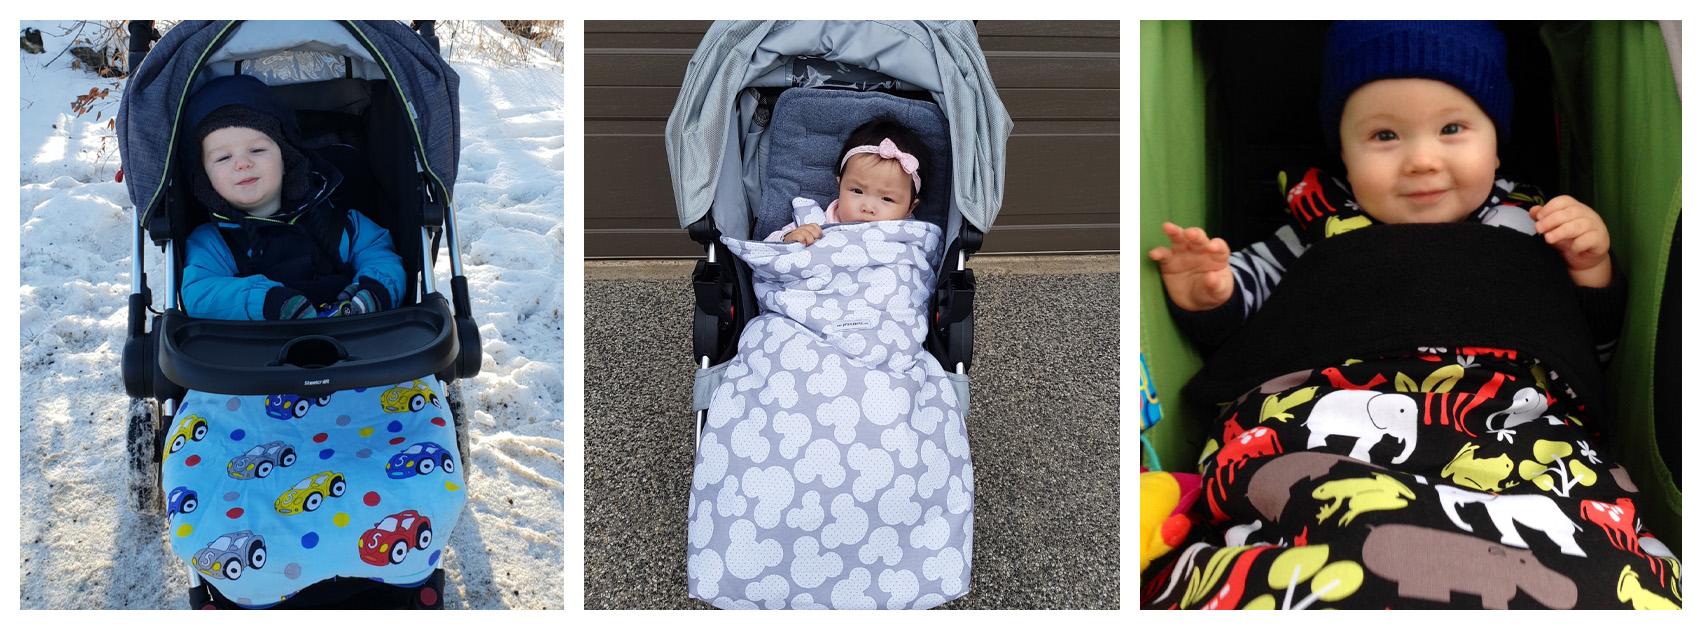 agile-snuggle-bags-category-photo.jpg